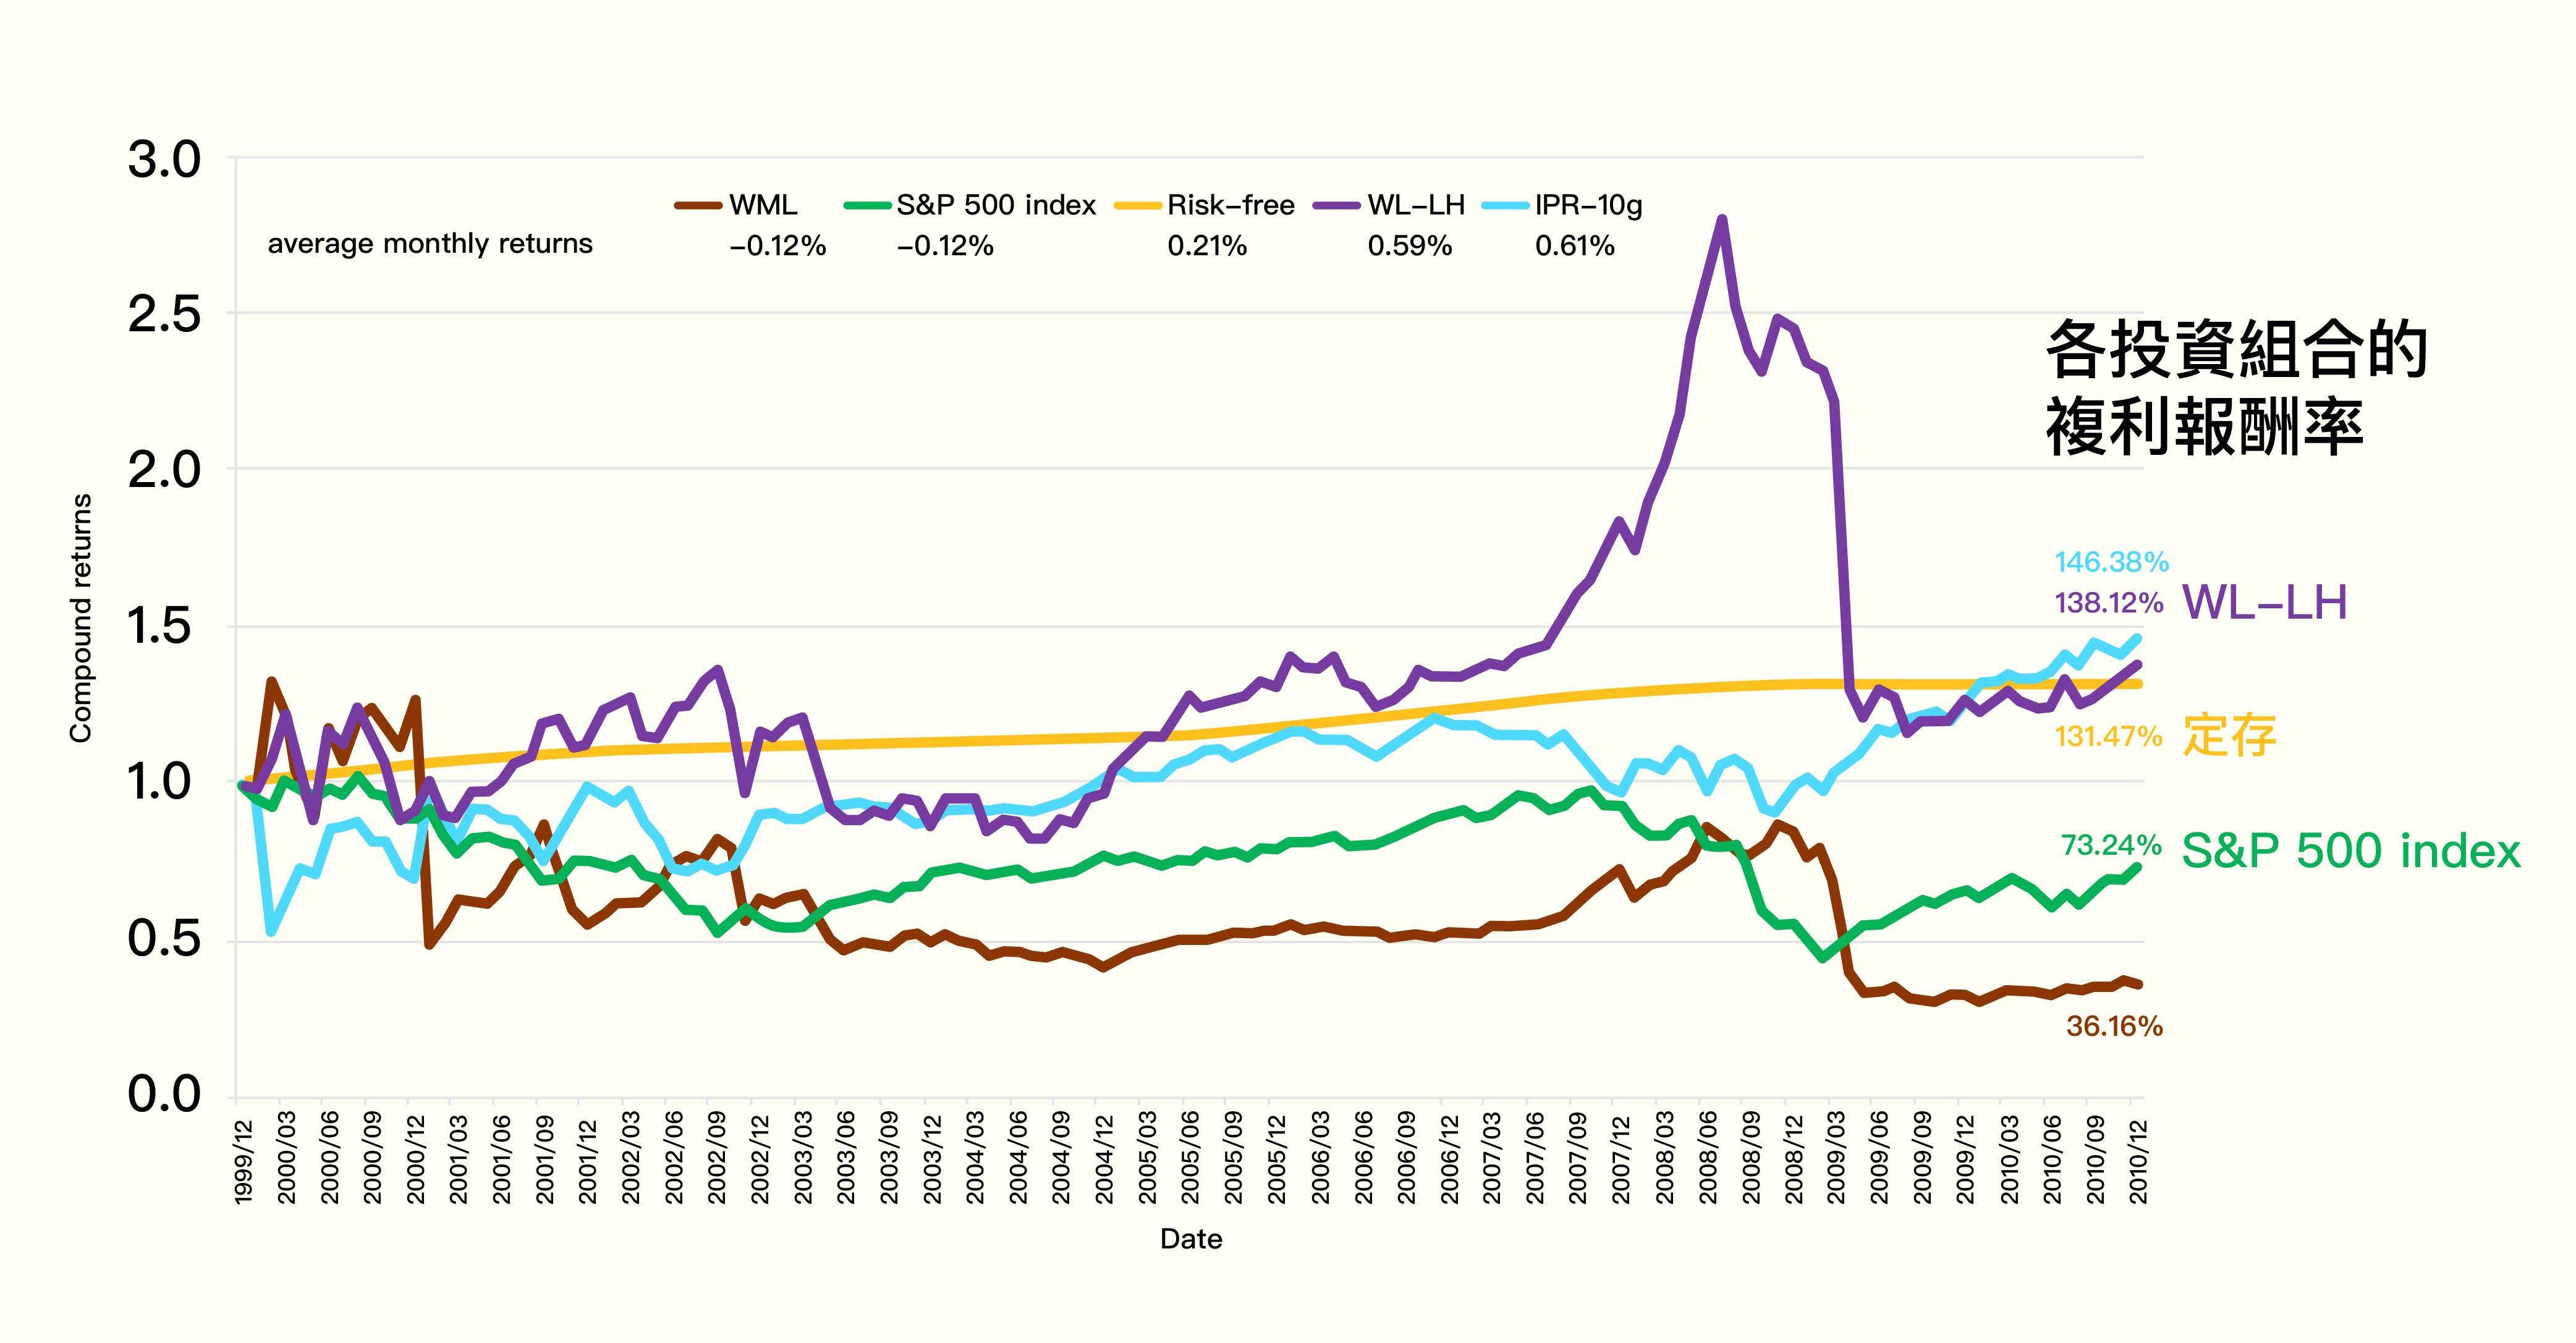 將 WL-LH 投資策略以美股歷史資料實證,雖然在 2008 年金融海嘯大起大落,但其 2000-2010 年累計複利報酬率為 138.12%,若投資 100 元會獲得 138 元。 資料來源│Implied price risk and momentum strategy. 圖說重製│林婷嫻、張語辰